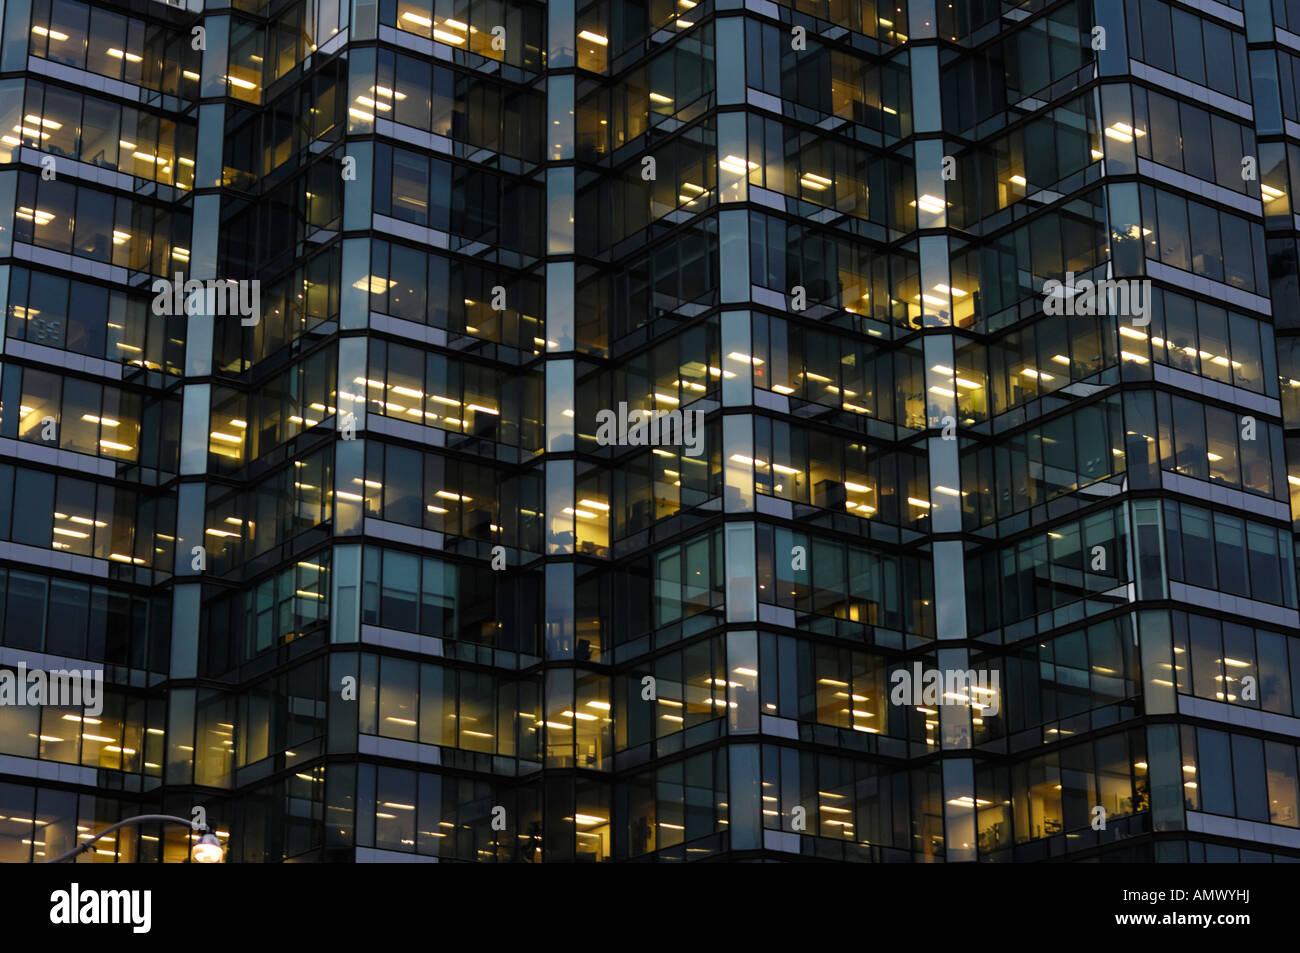 Moderno edificio de vidrio y metal textura de fondo abstracto de pared Imagen De Stock